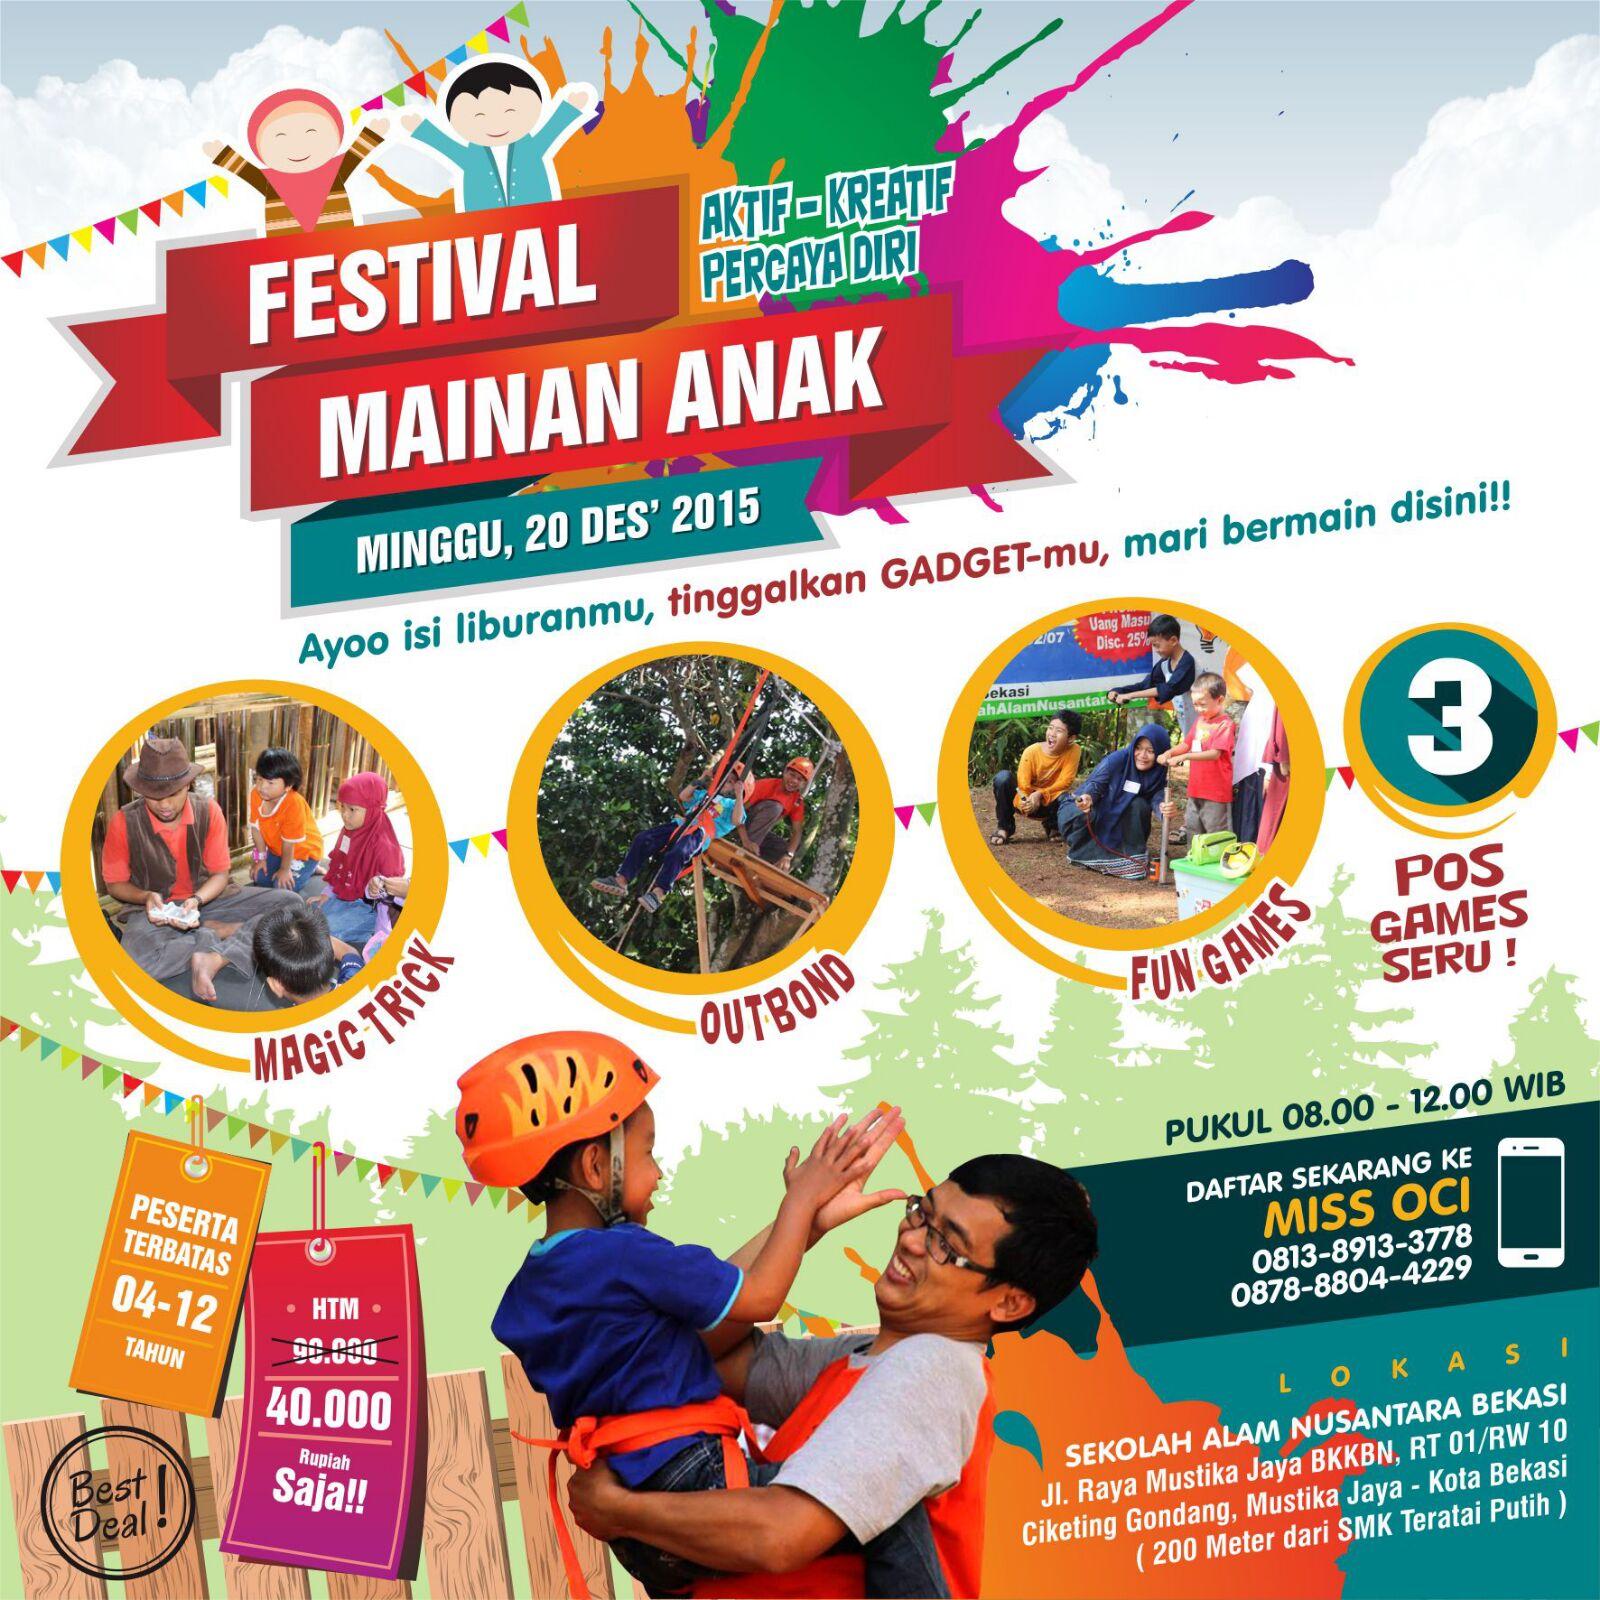 FESTIVAL MAINAN ANAK Ahad 20 Des 2015